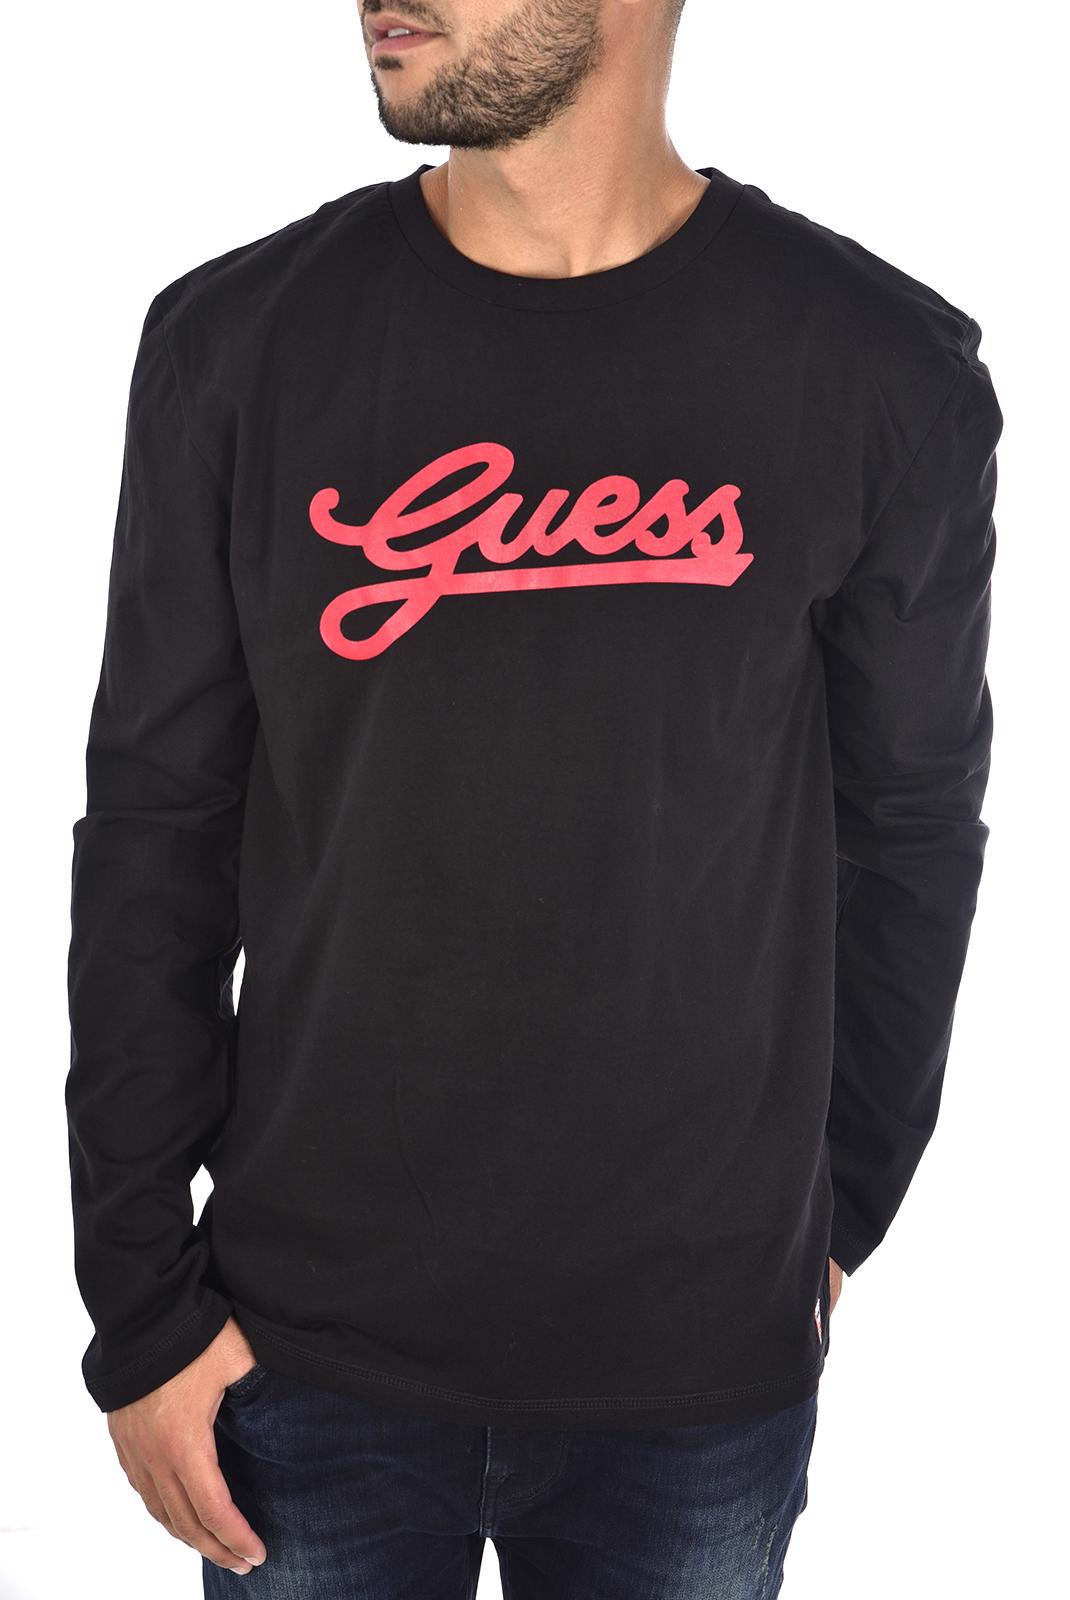 Tee-shirts  Guess jeans U94I07 JR03D A996